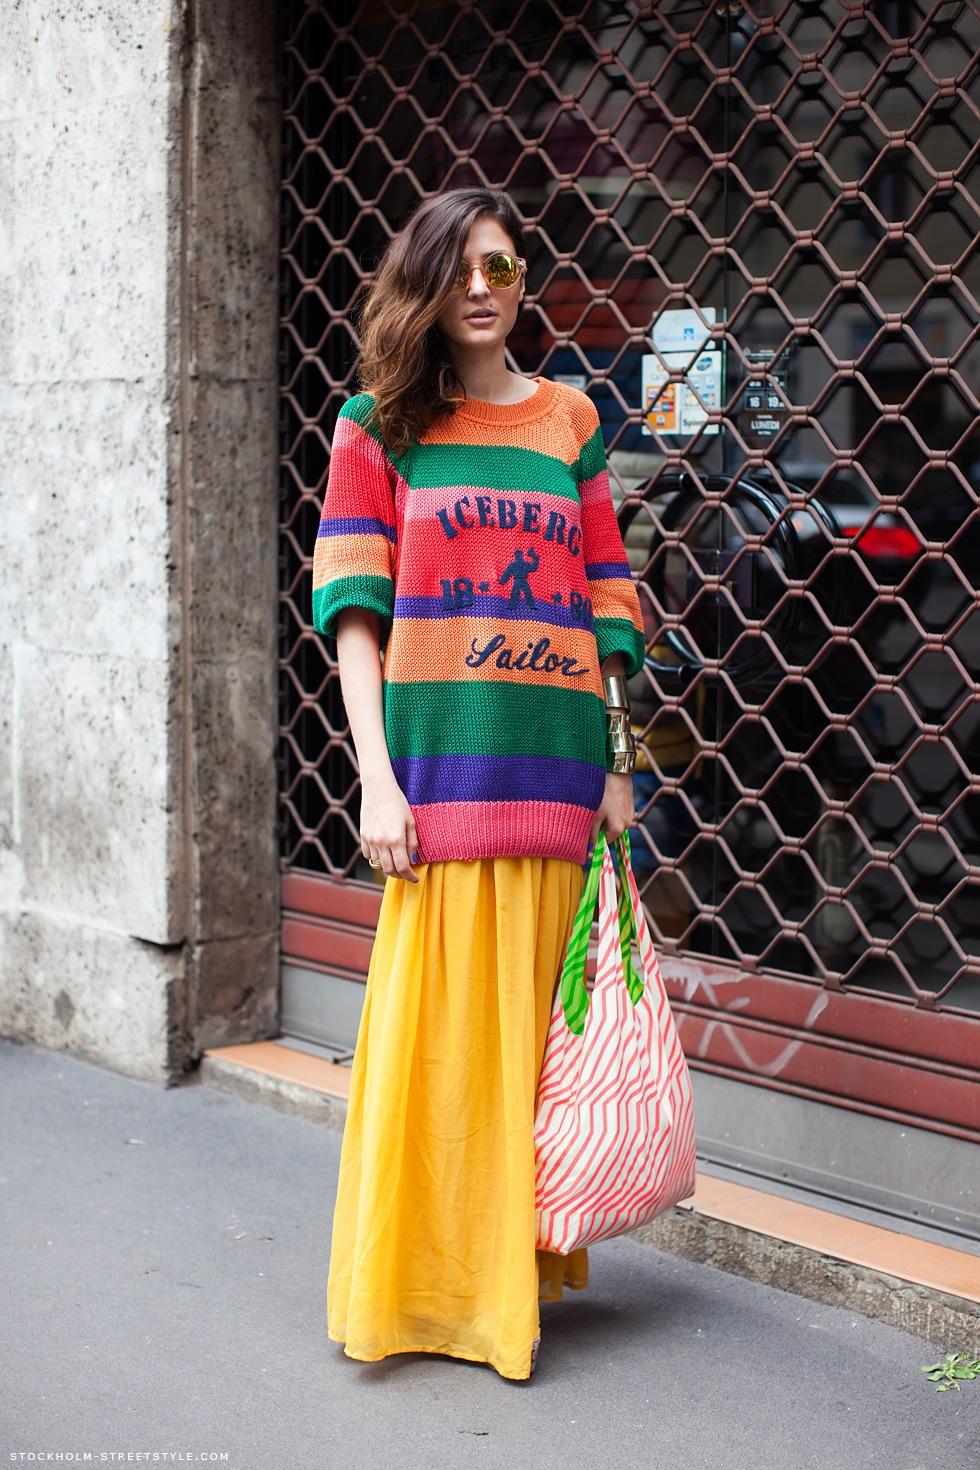 Яркий разноцветный свитер длиной до линии бедра с яркой желтой длтнной юбкой.